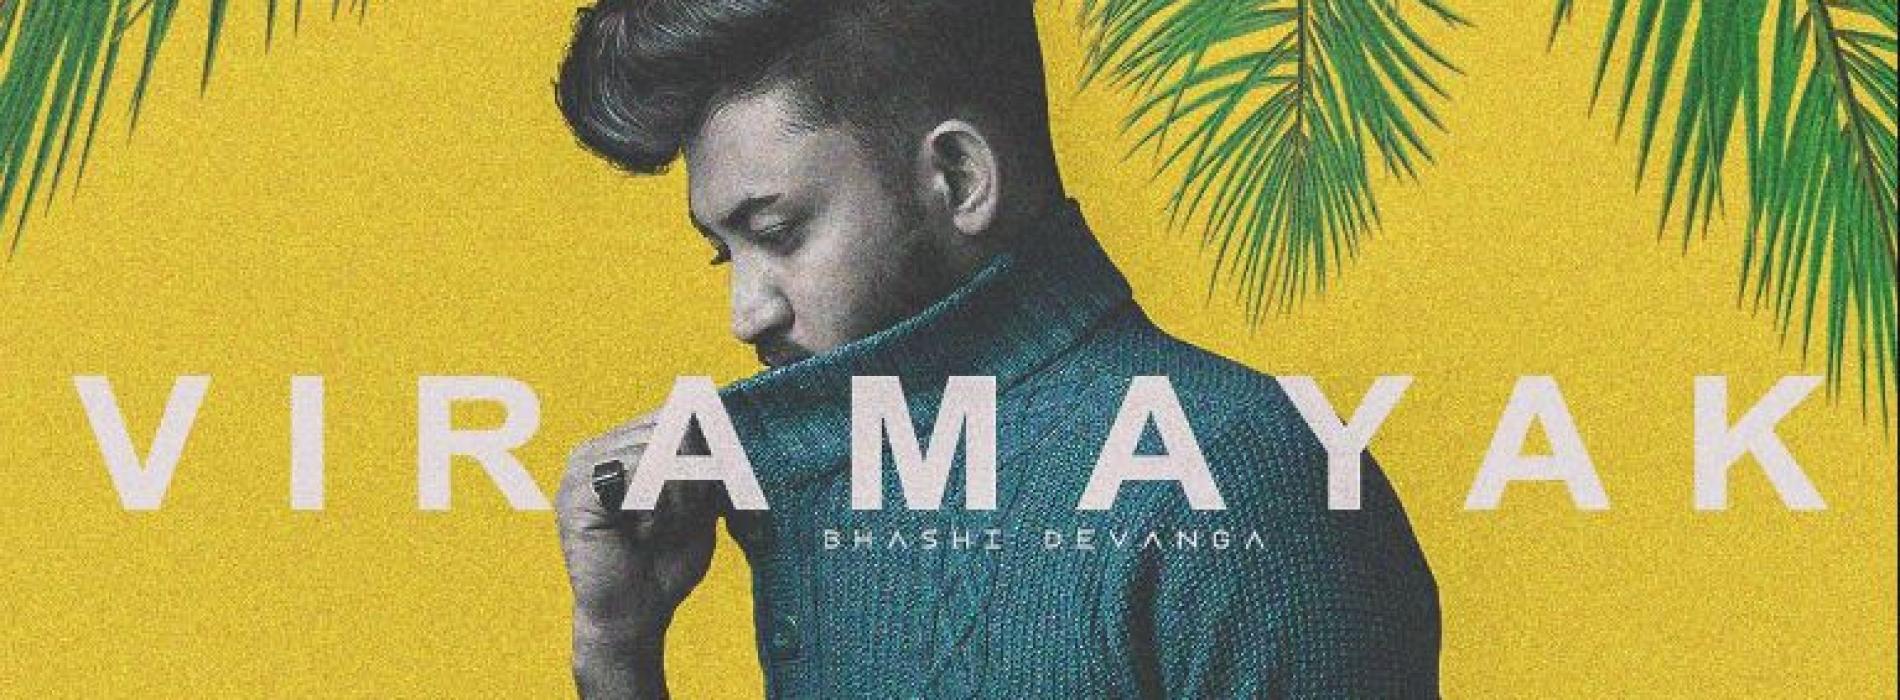 New Music : Bhashi – Viramayak (විරාමයක්) – [Official Audio 2020]